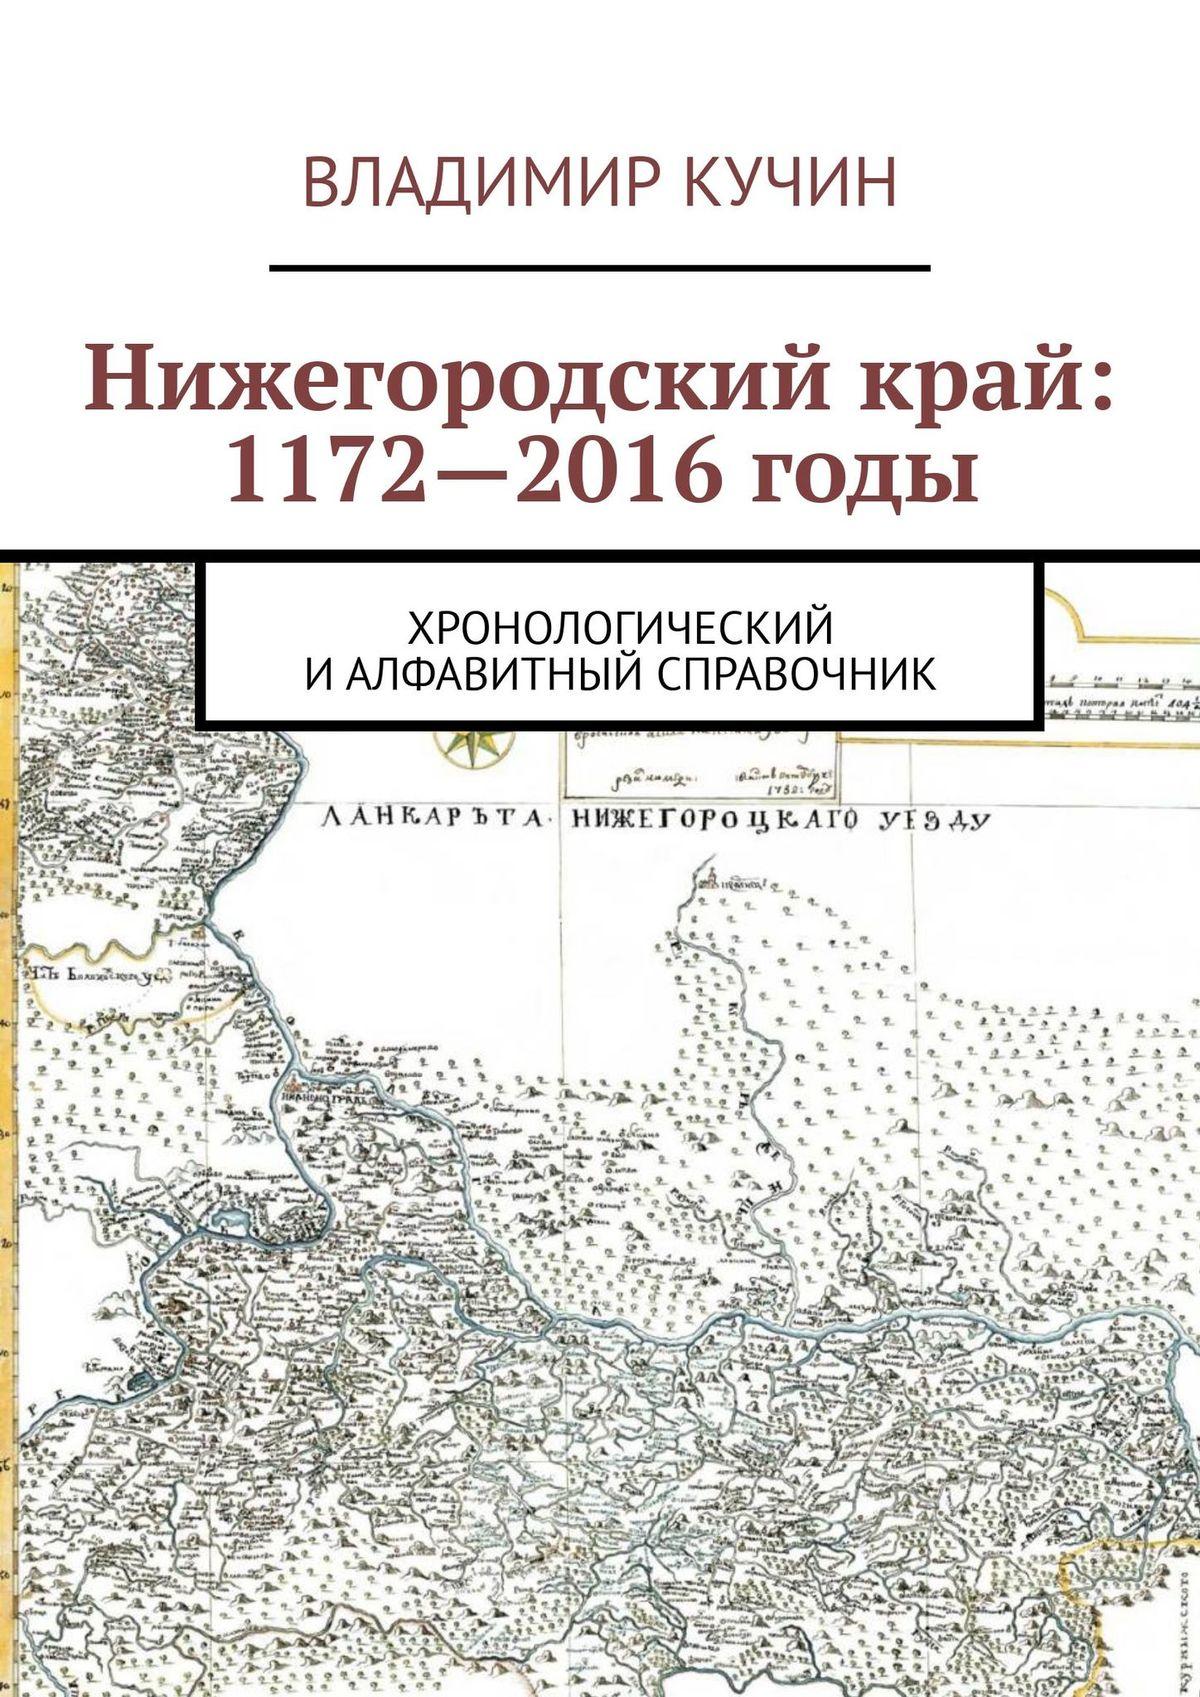 Нижегородский край: 1172—2016годы. Хронологический и алфавитный справочник